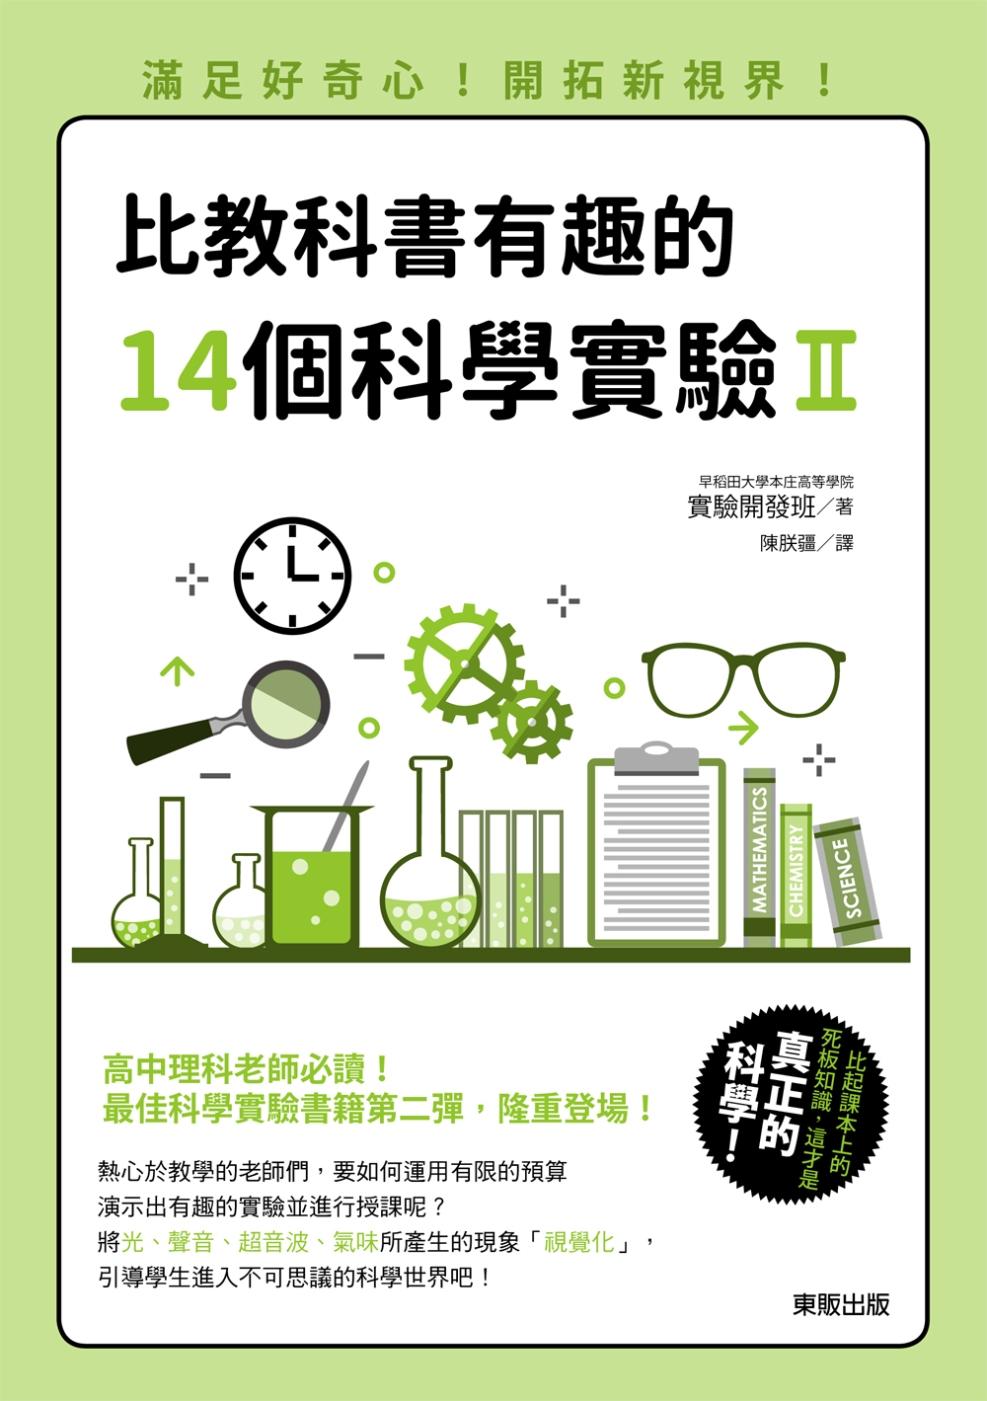 比教科書有趣的14個科學實驗Ⅱ:滿足好奇心!開拓新視界!